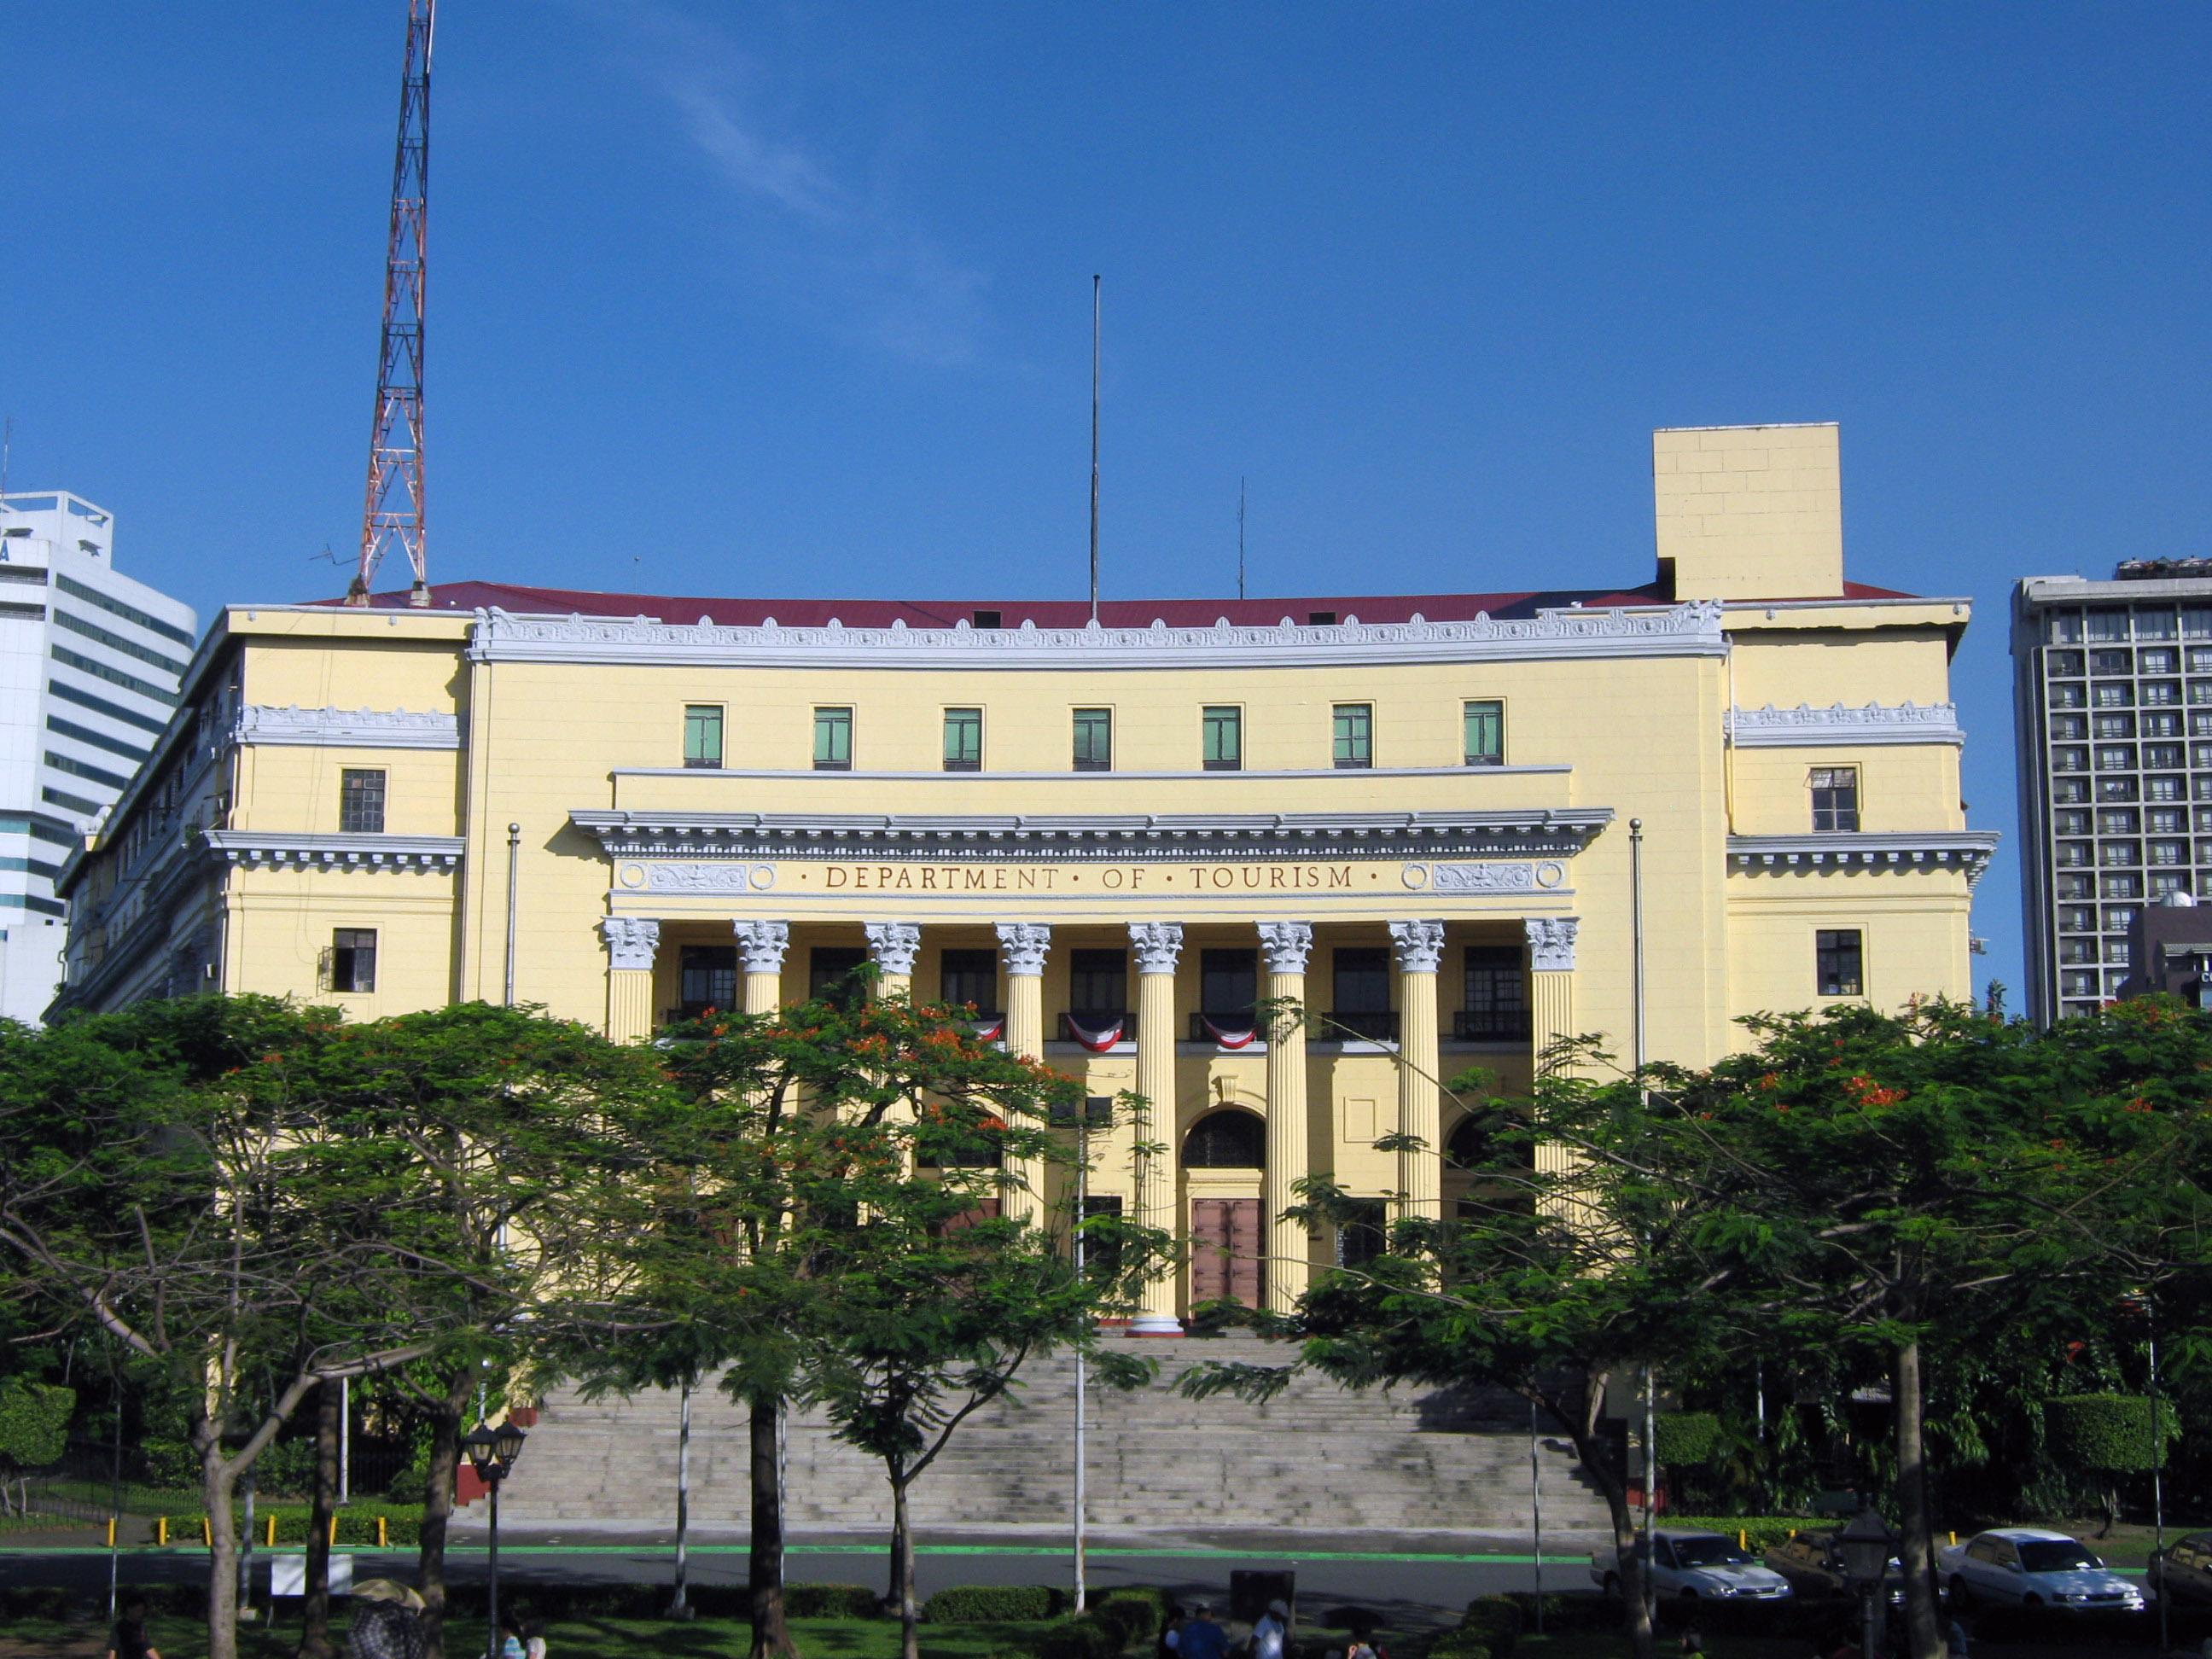 Description Philippines Department of Tourism building.jpg